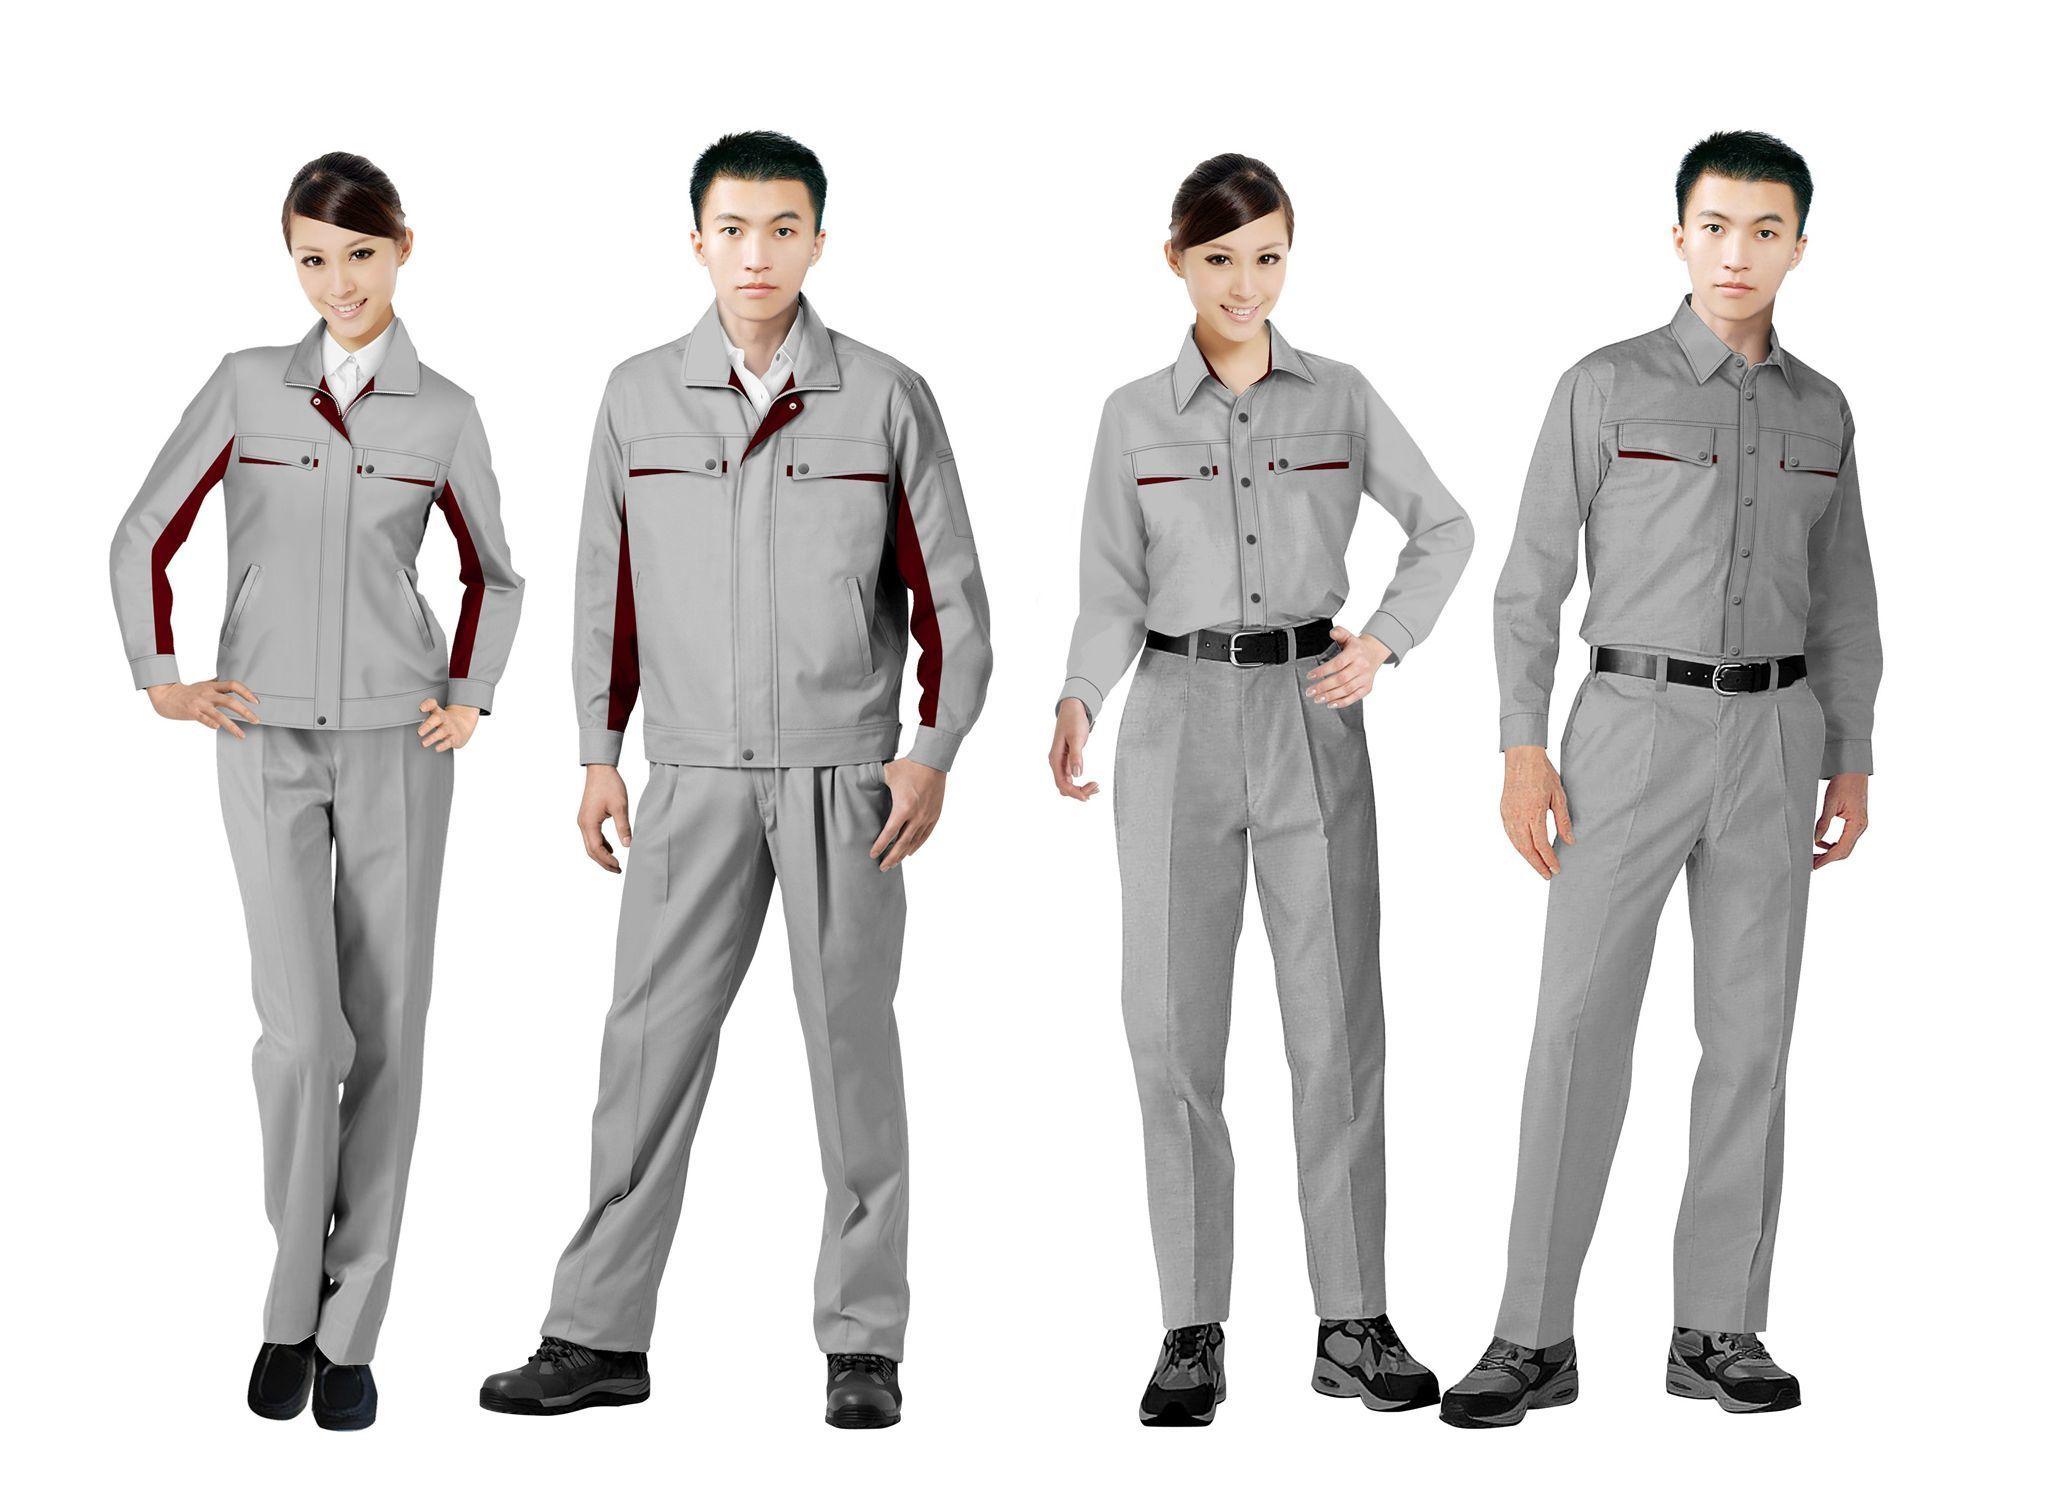 工作服设计图系列方案09